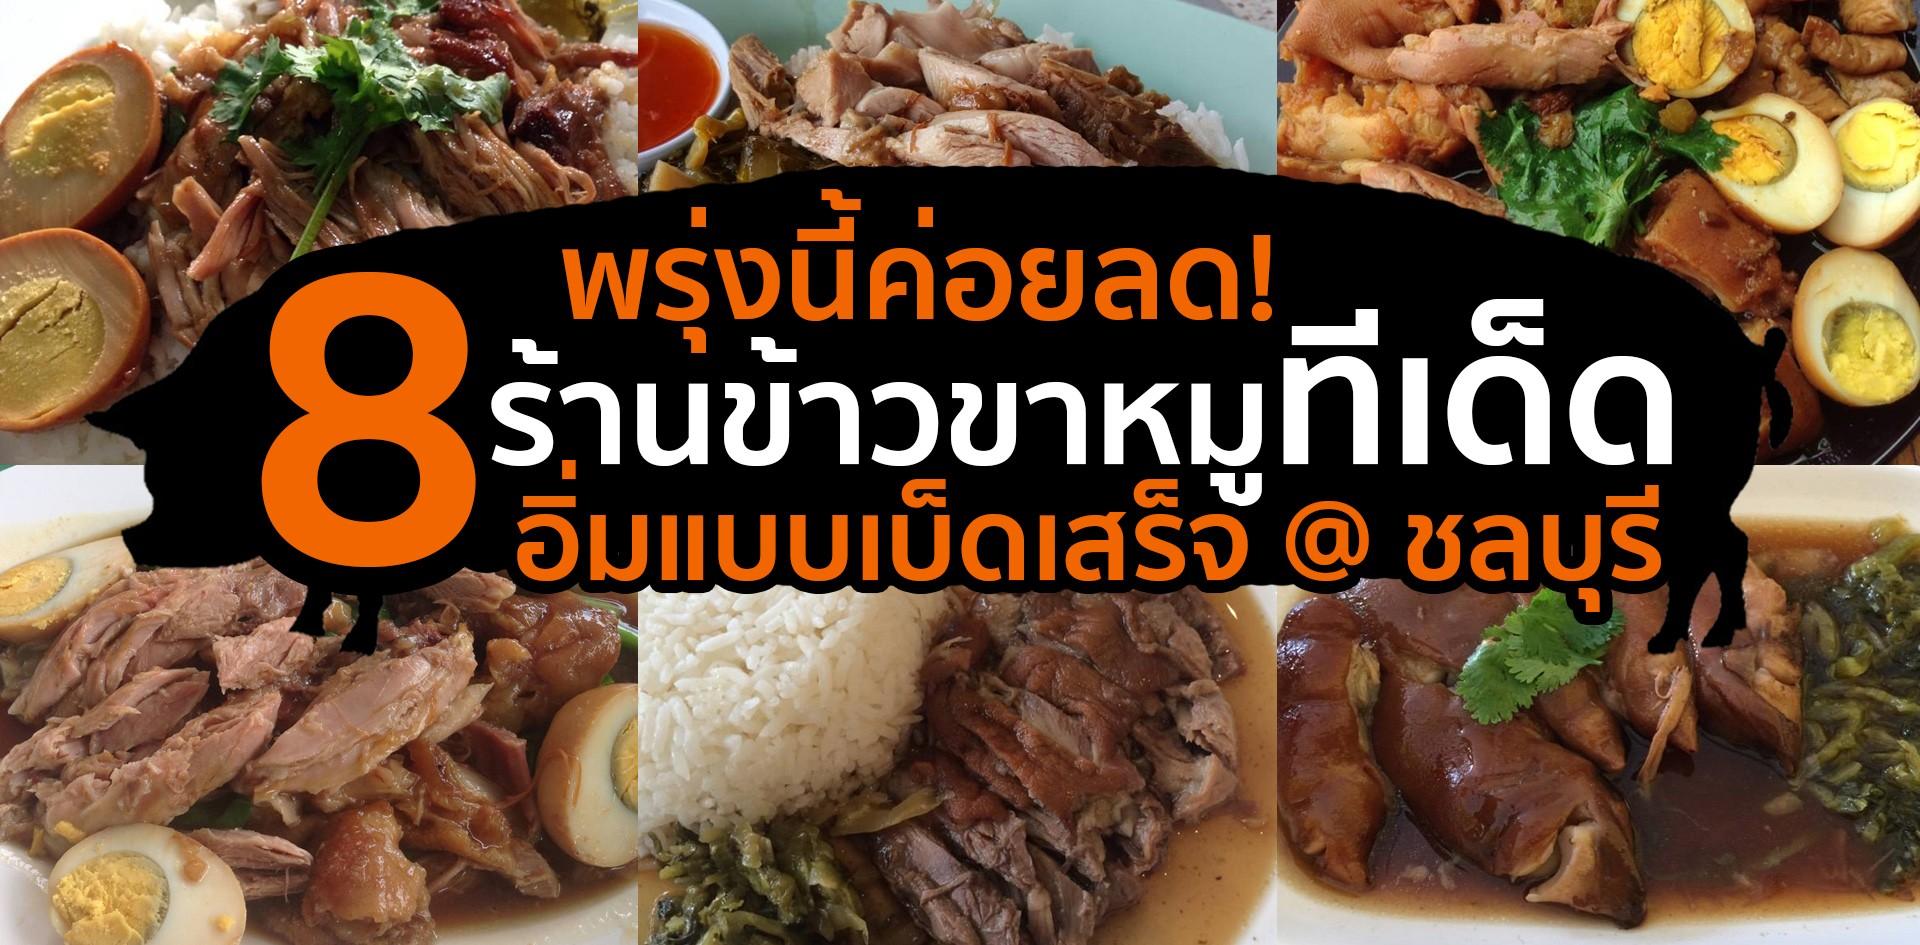 พรุ่งนี้ค่อยลด! 8 ร้านข้าวขาหมูทีเด็ด อิ่มแบบเบ็ดเสร็จ ที่ ชลบุรี